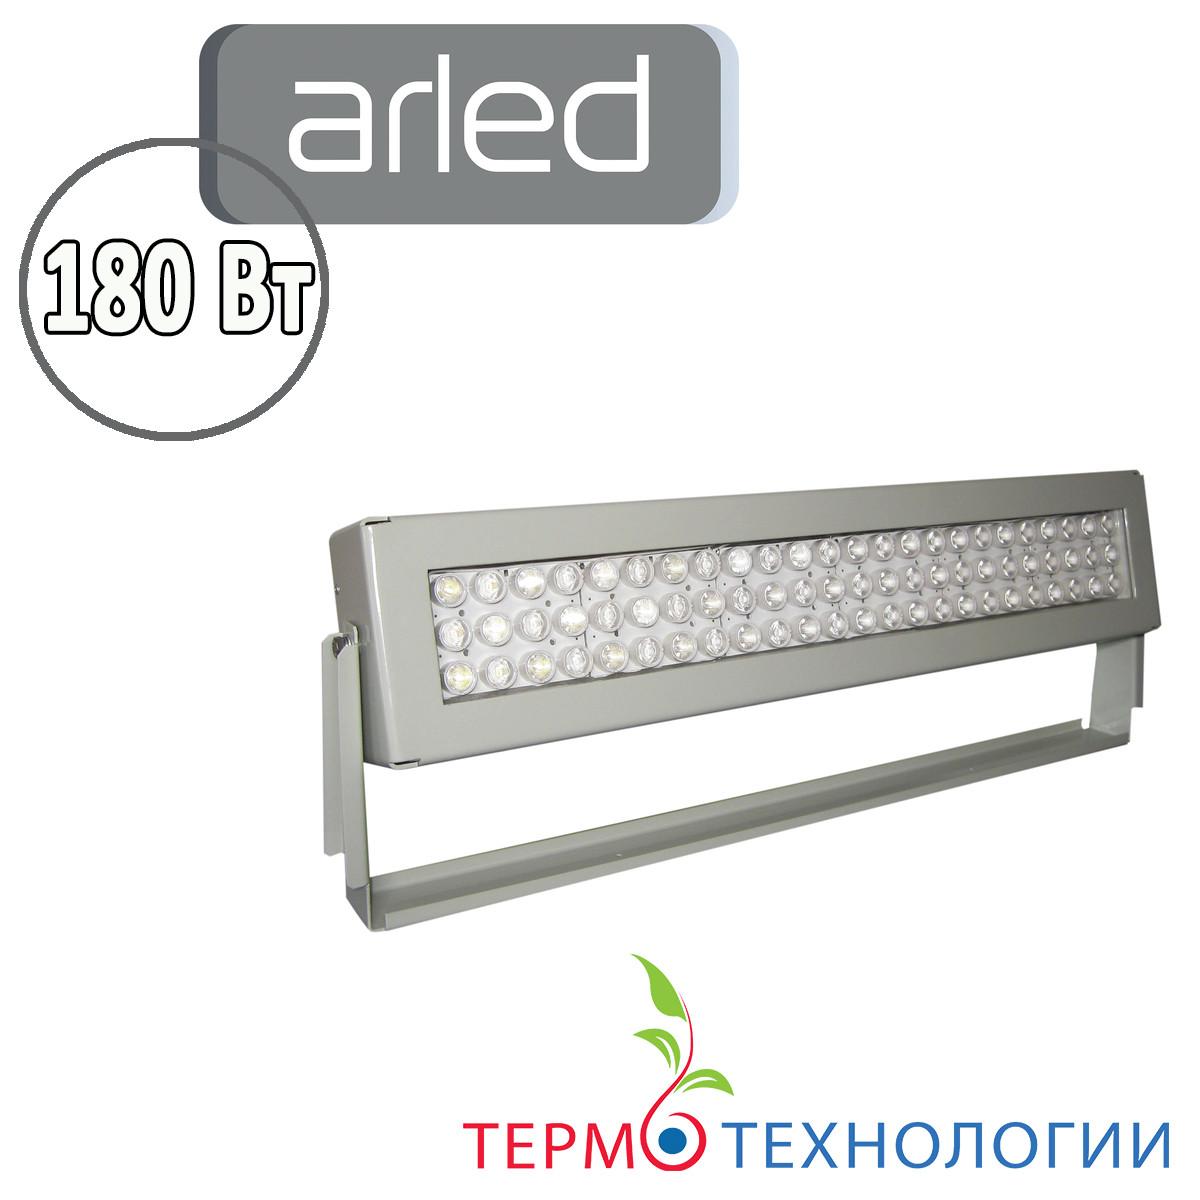 Светодиодный светильник Arled Lens 180 Вт